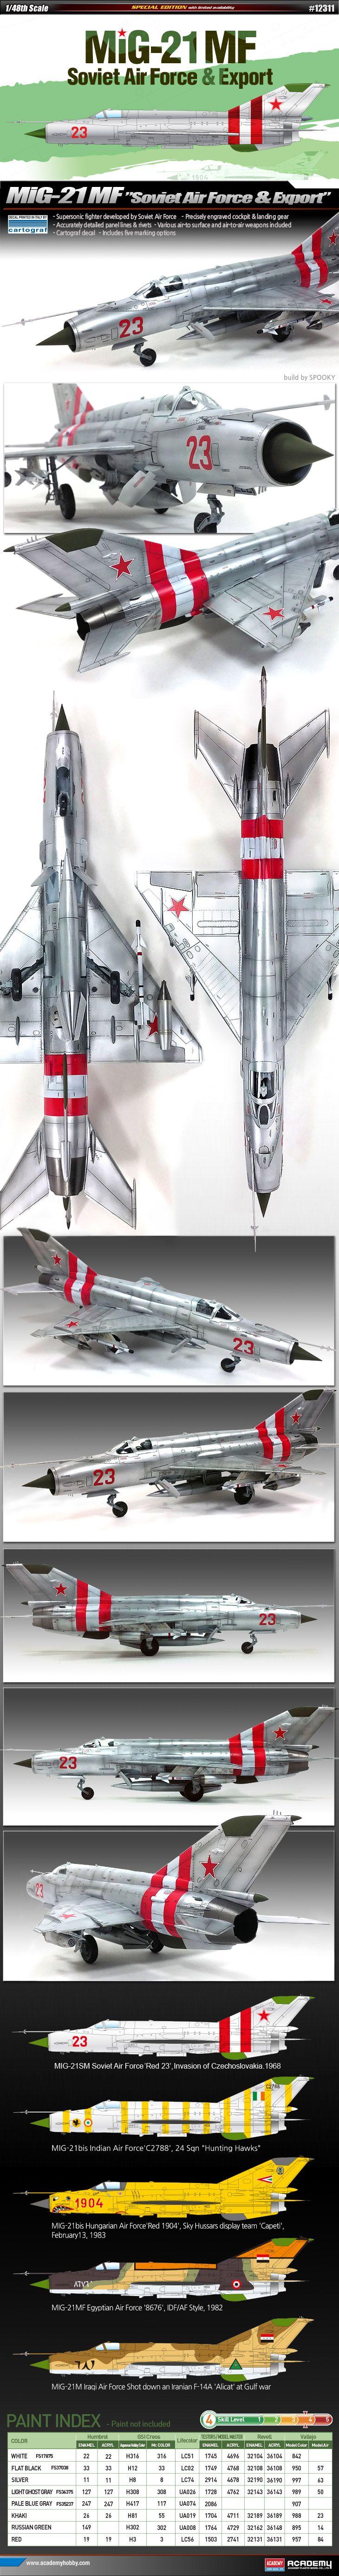 1/48 MiG-21 MF